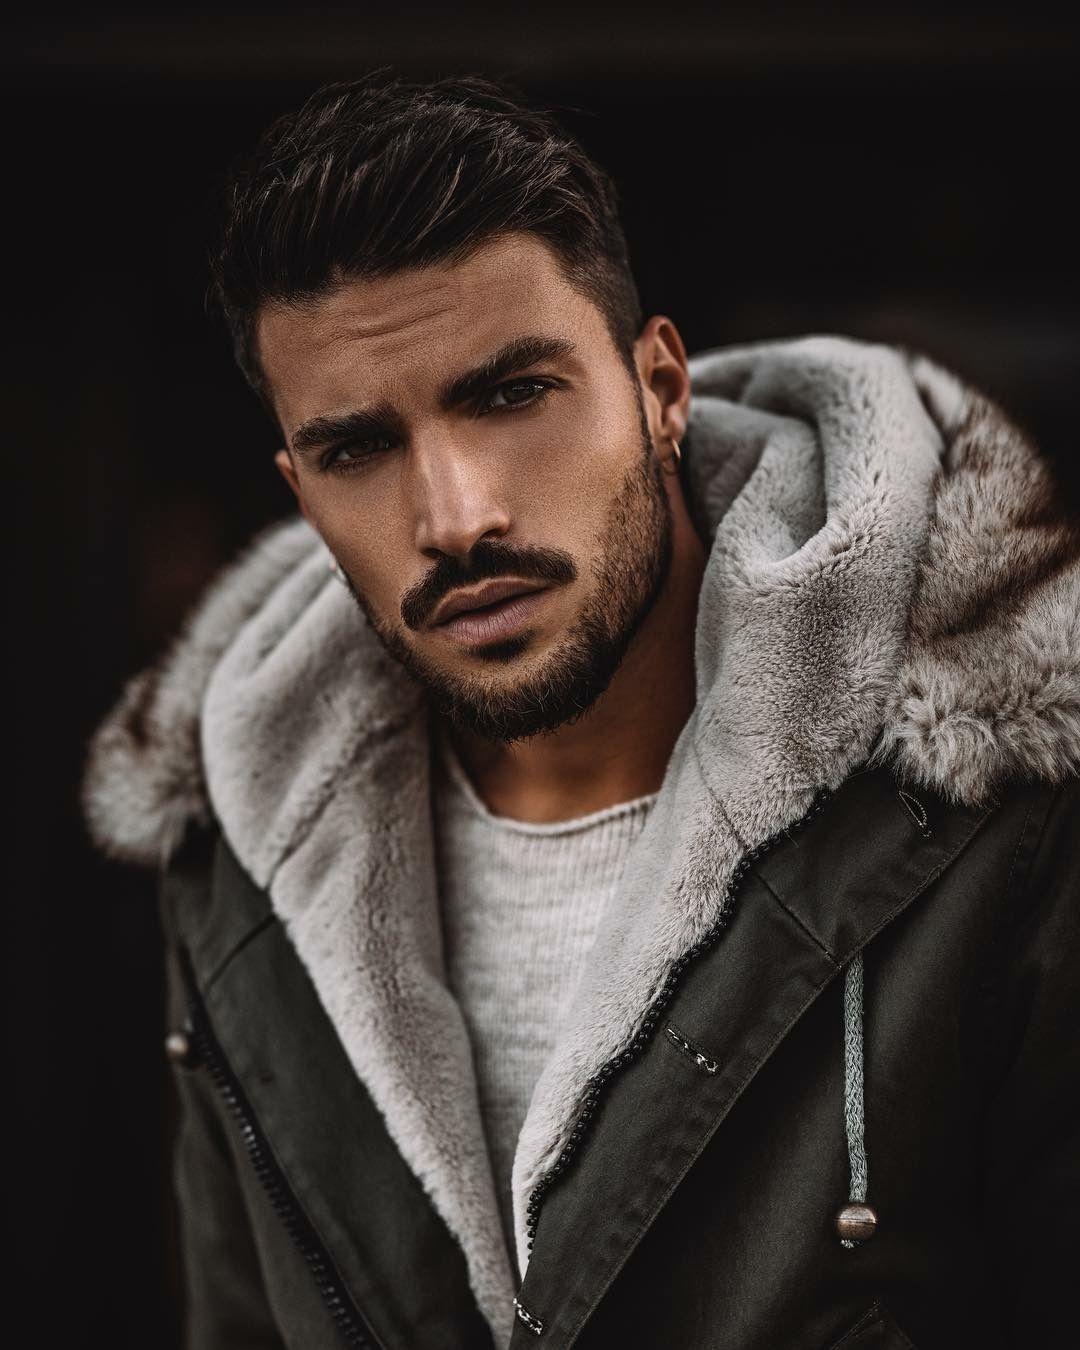 Marianodivaio Mdv Mdvstyle Fashion Style Love Beautiful Men Faces Mariano Di Vaio Adventurous Men